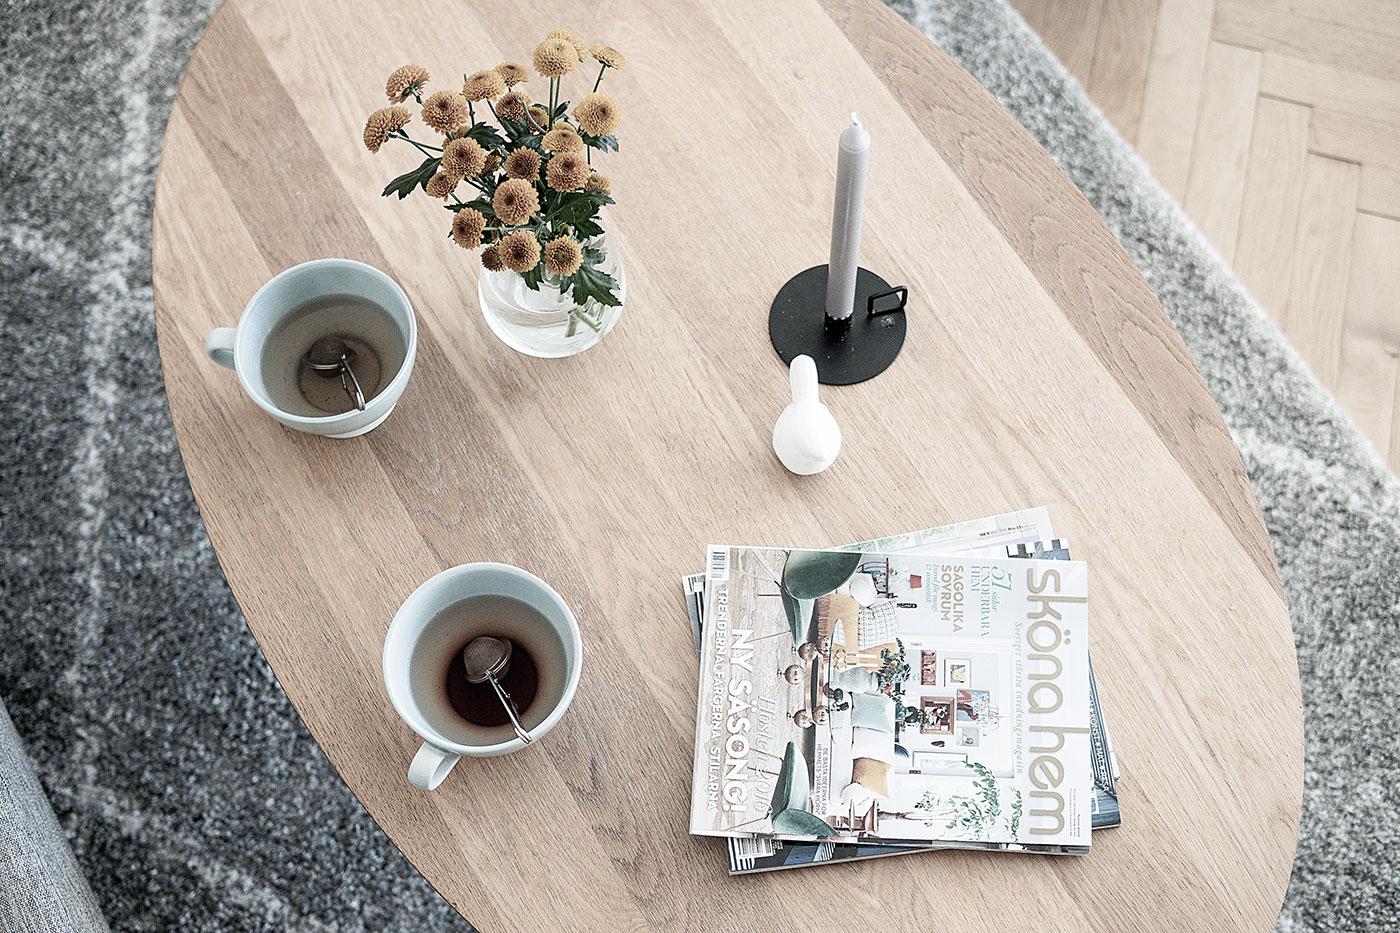 Sköna hem och tekoppar på vardagsrumsbord